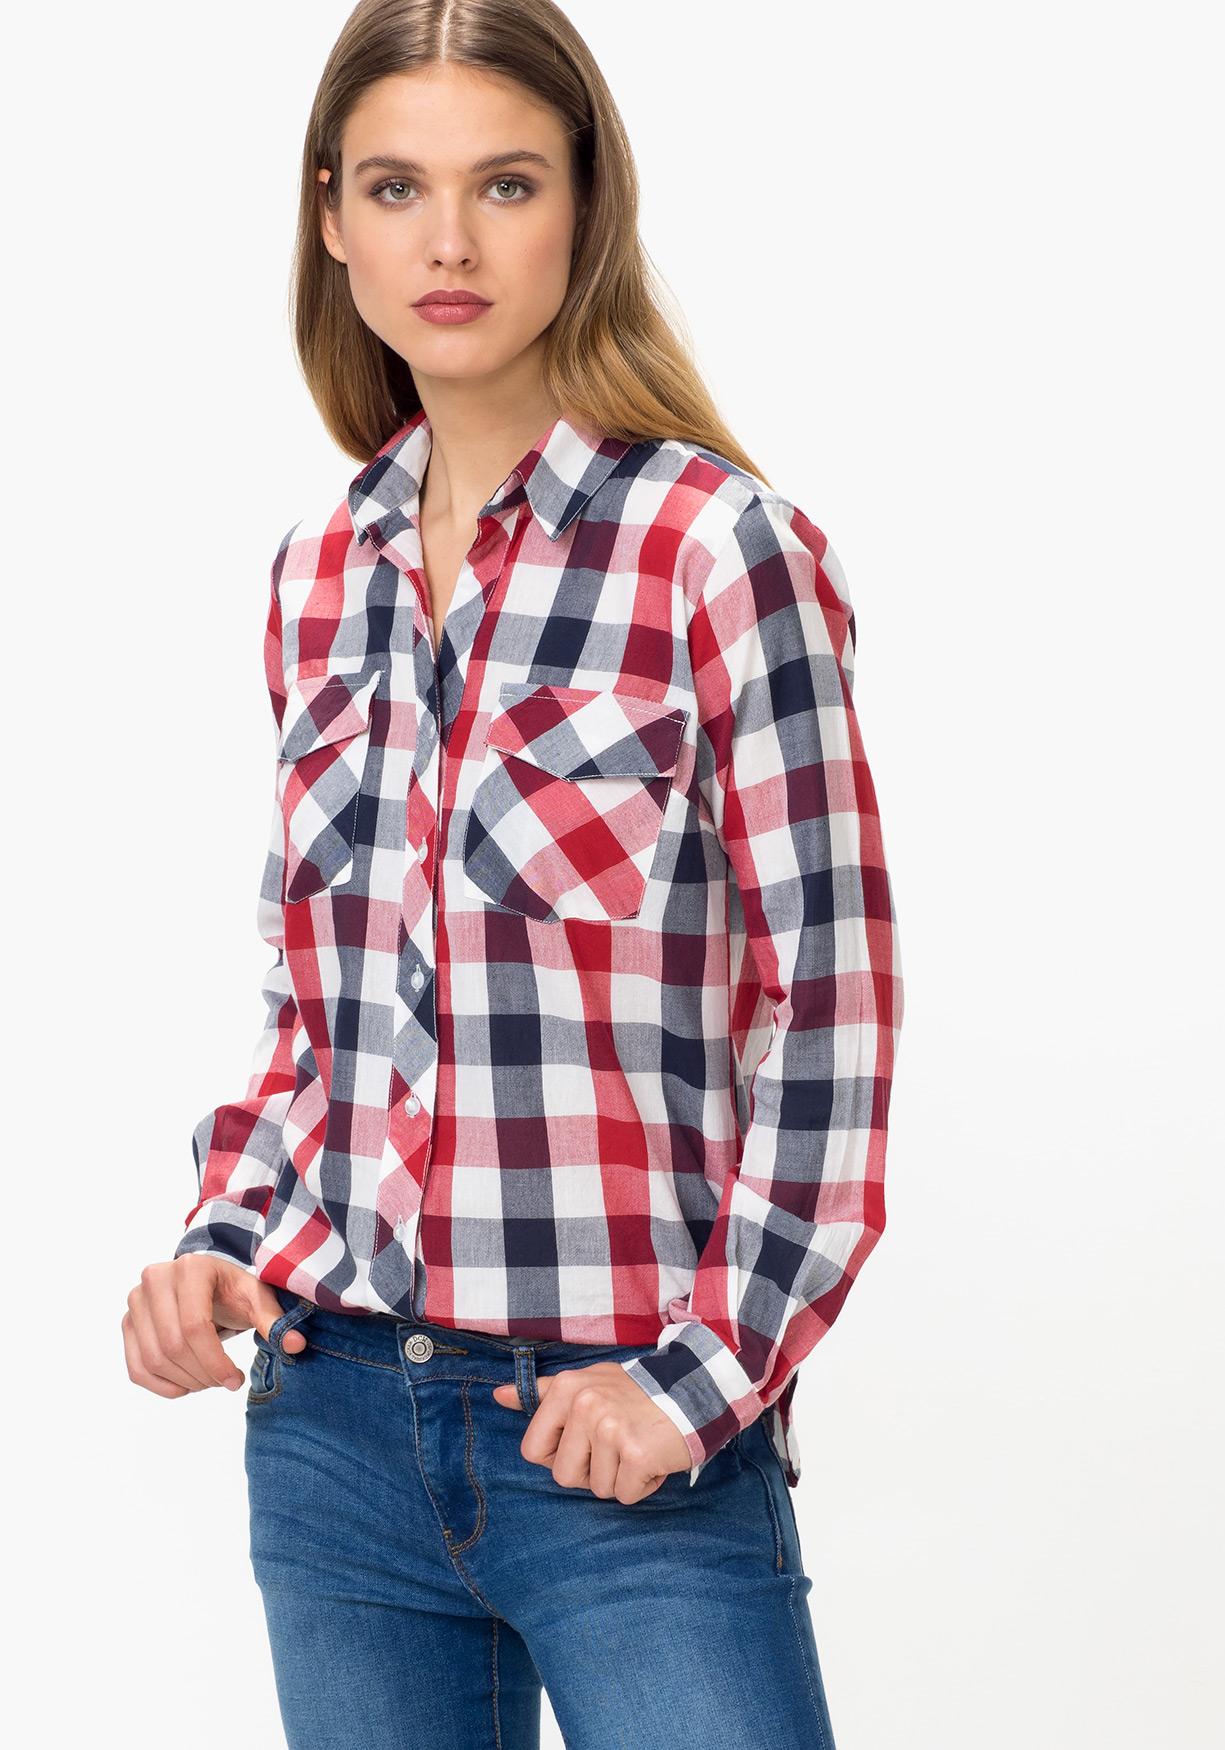 6764726b80b Comprar Camisa de mujer manga larga de cuadros TEX. ¡Aprovéchate de ...